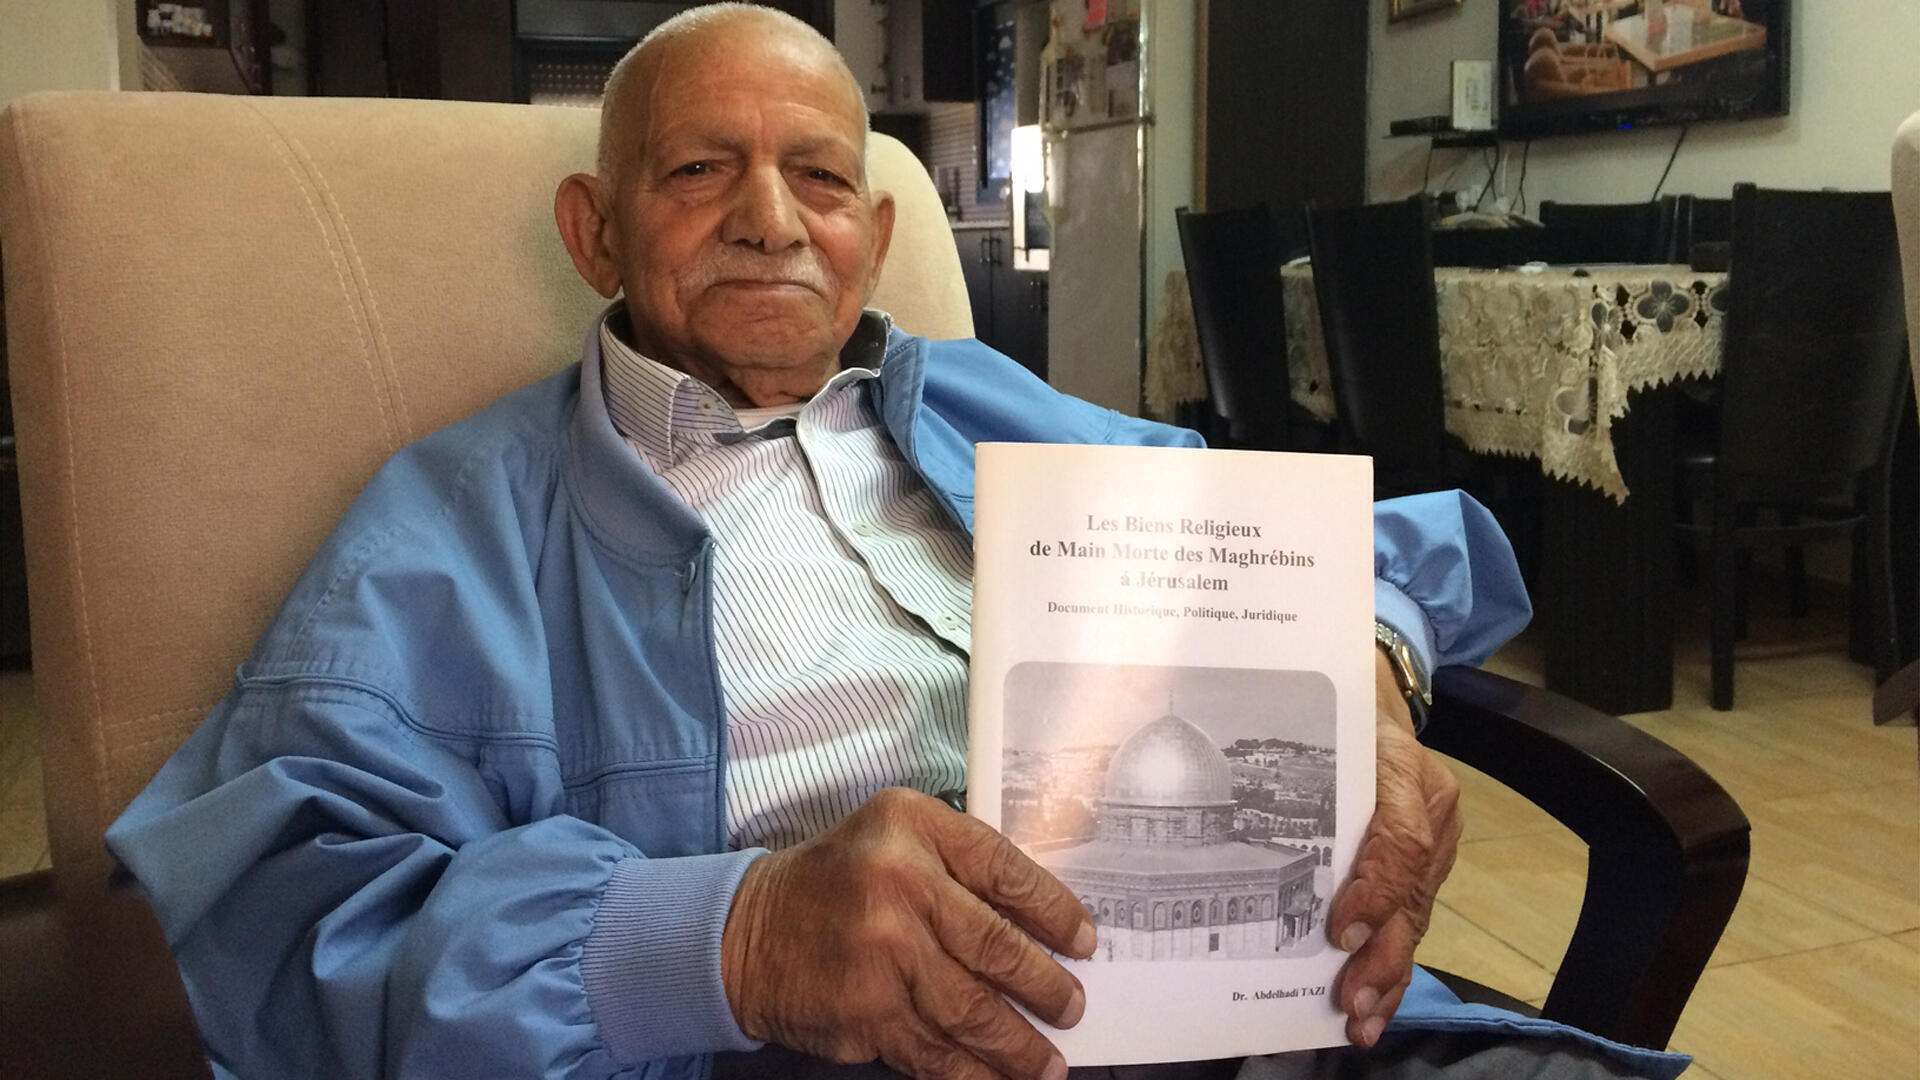 Abou Marwan avait 34 ans, lorsque son quartier a été détruit en 1967.